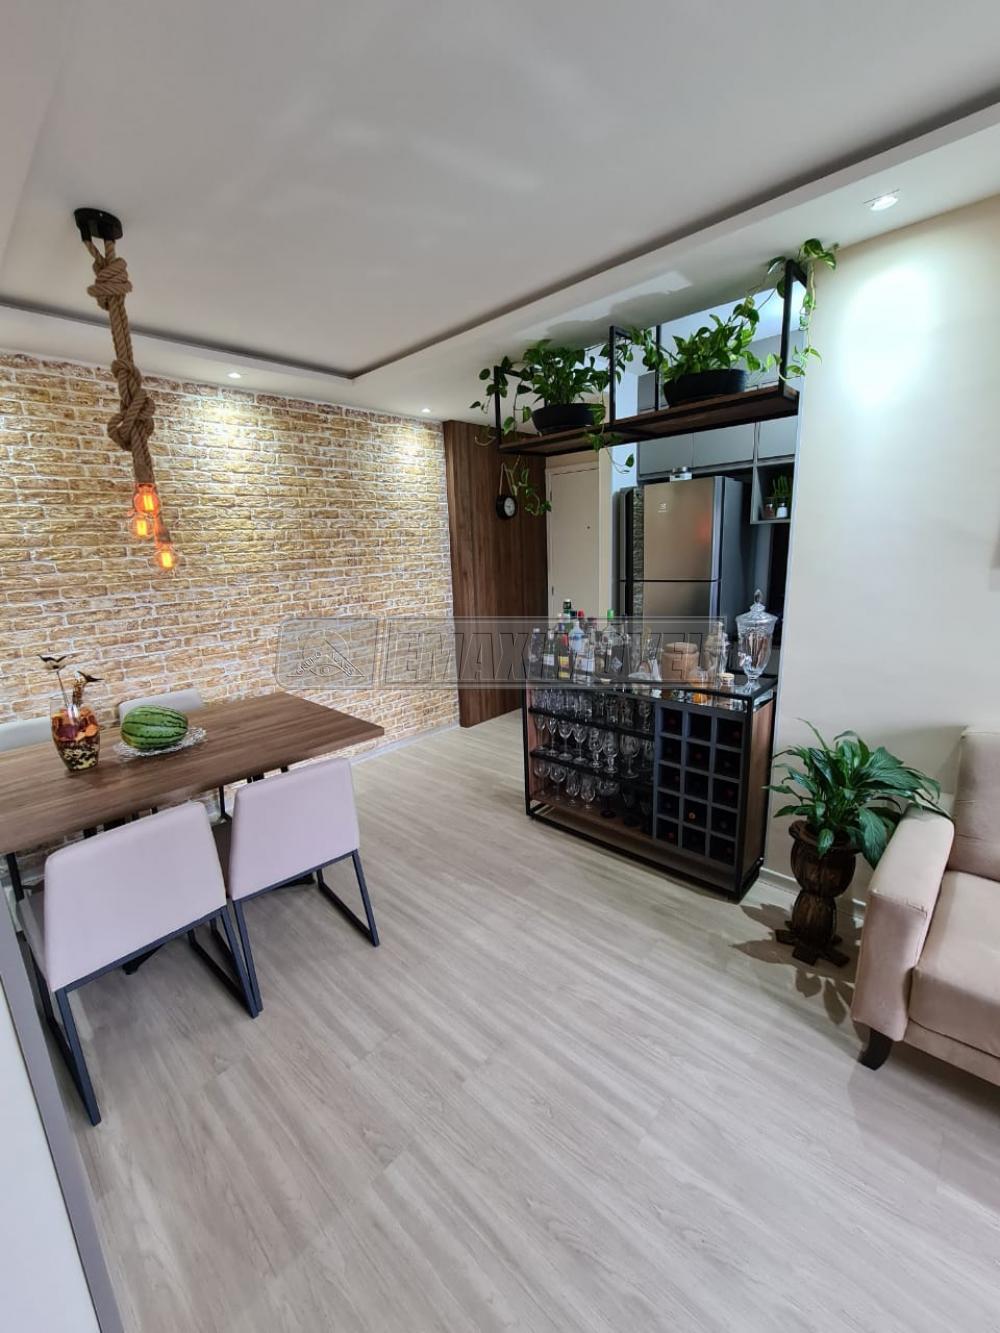 Comprar Apartamentos / Apto Padrão em Sorocaba R$ 350.000,00 - Foto 18